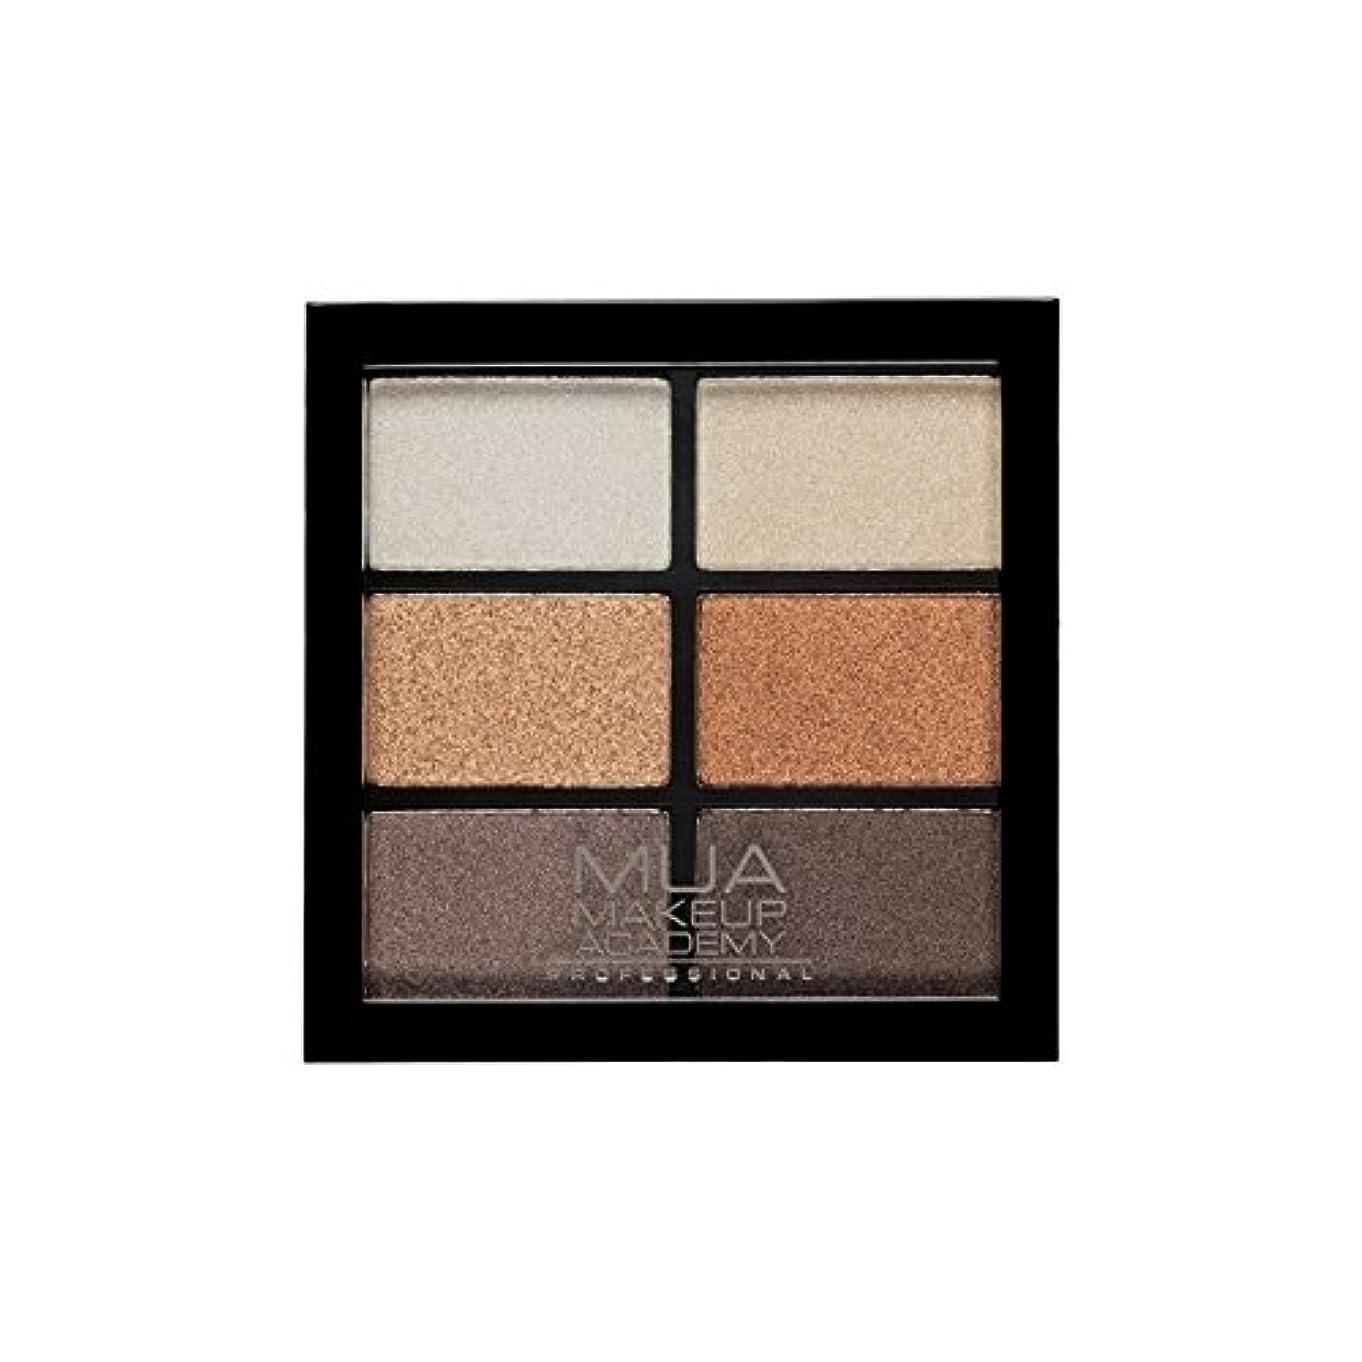 朝別々に深くMUA Professional 6 Shade Palette Glamour Golds (Pack of 6) - プロ6日陰パレットグラマー金メダル x6 [並行輸入品]